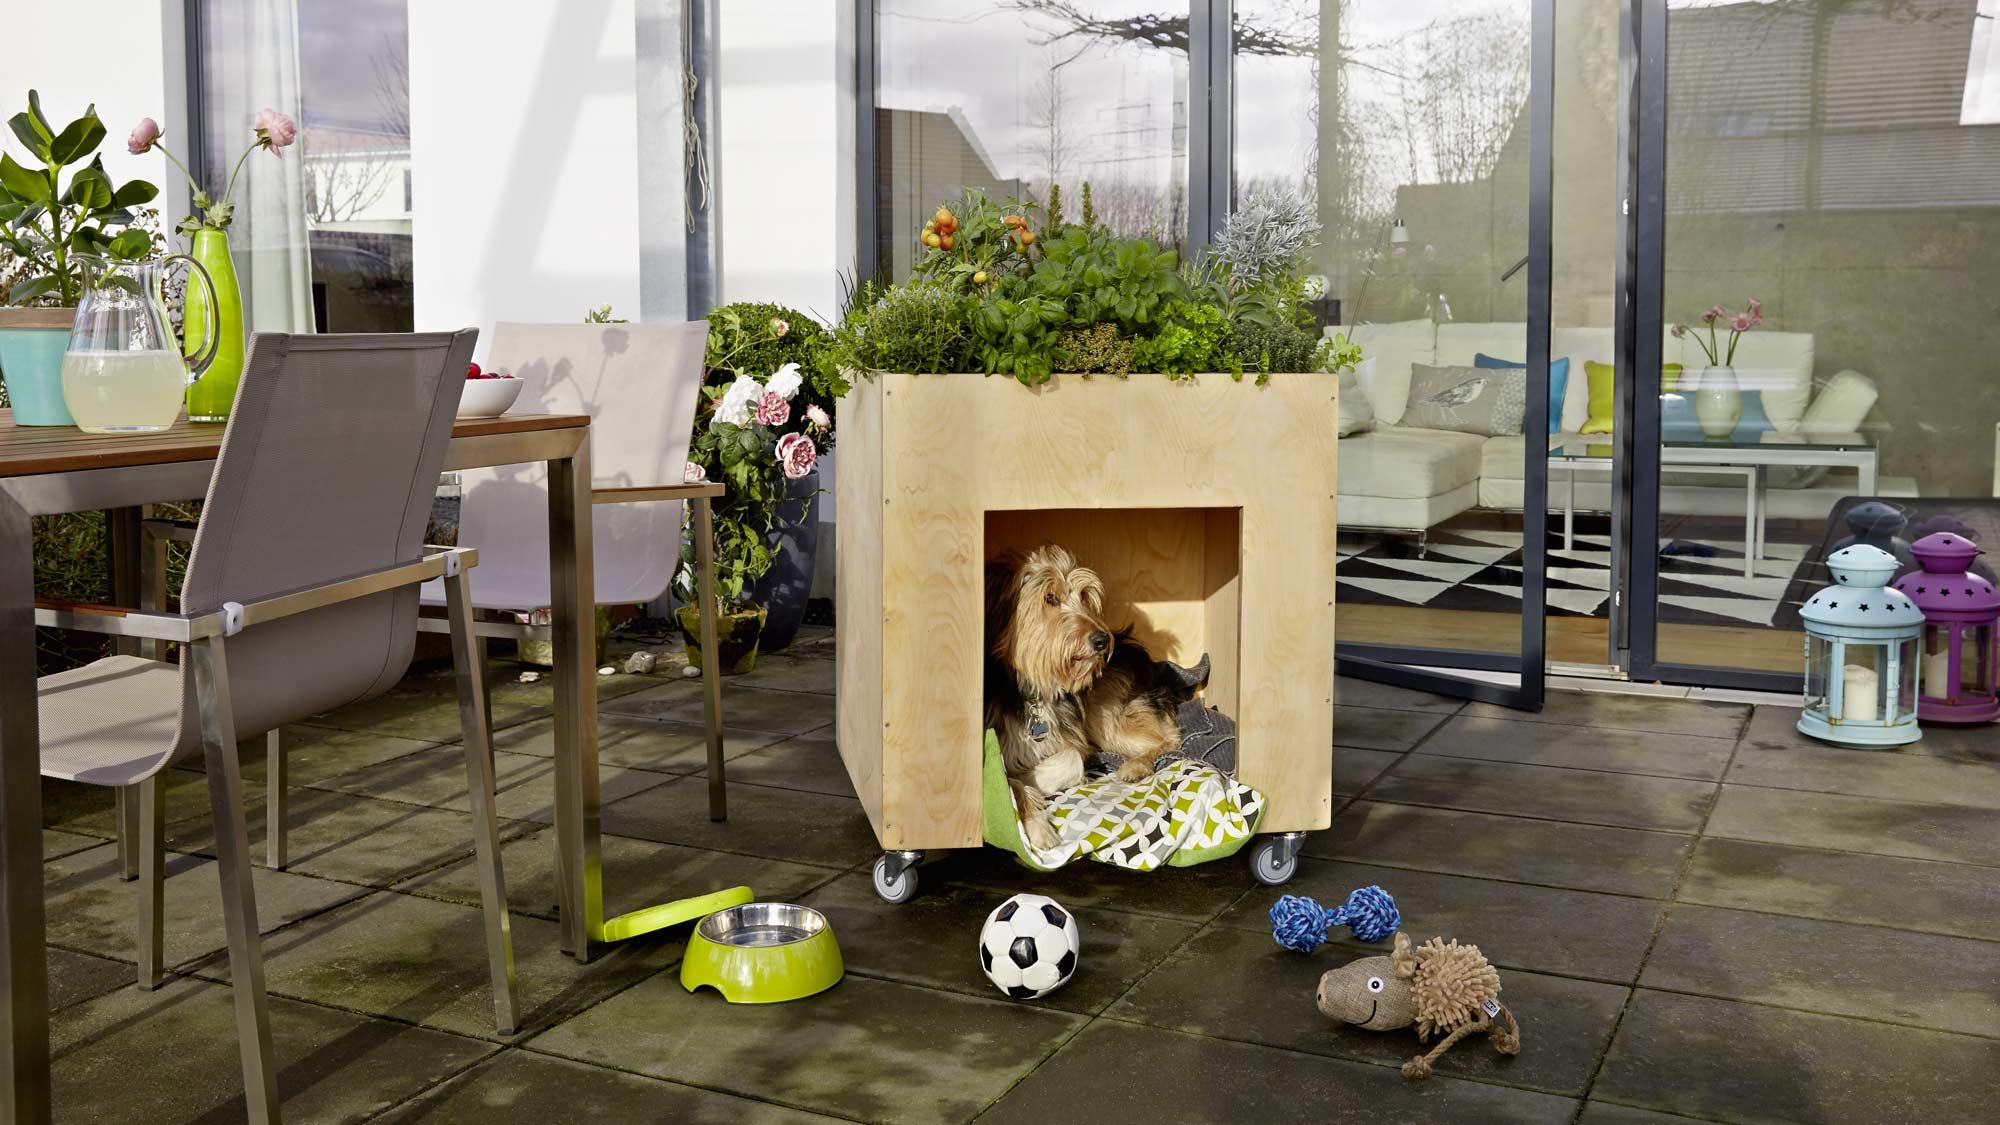 Cuccia per cani fai da te con giardino sul tetto | Costruzione passo-passo